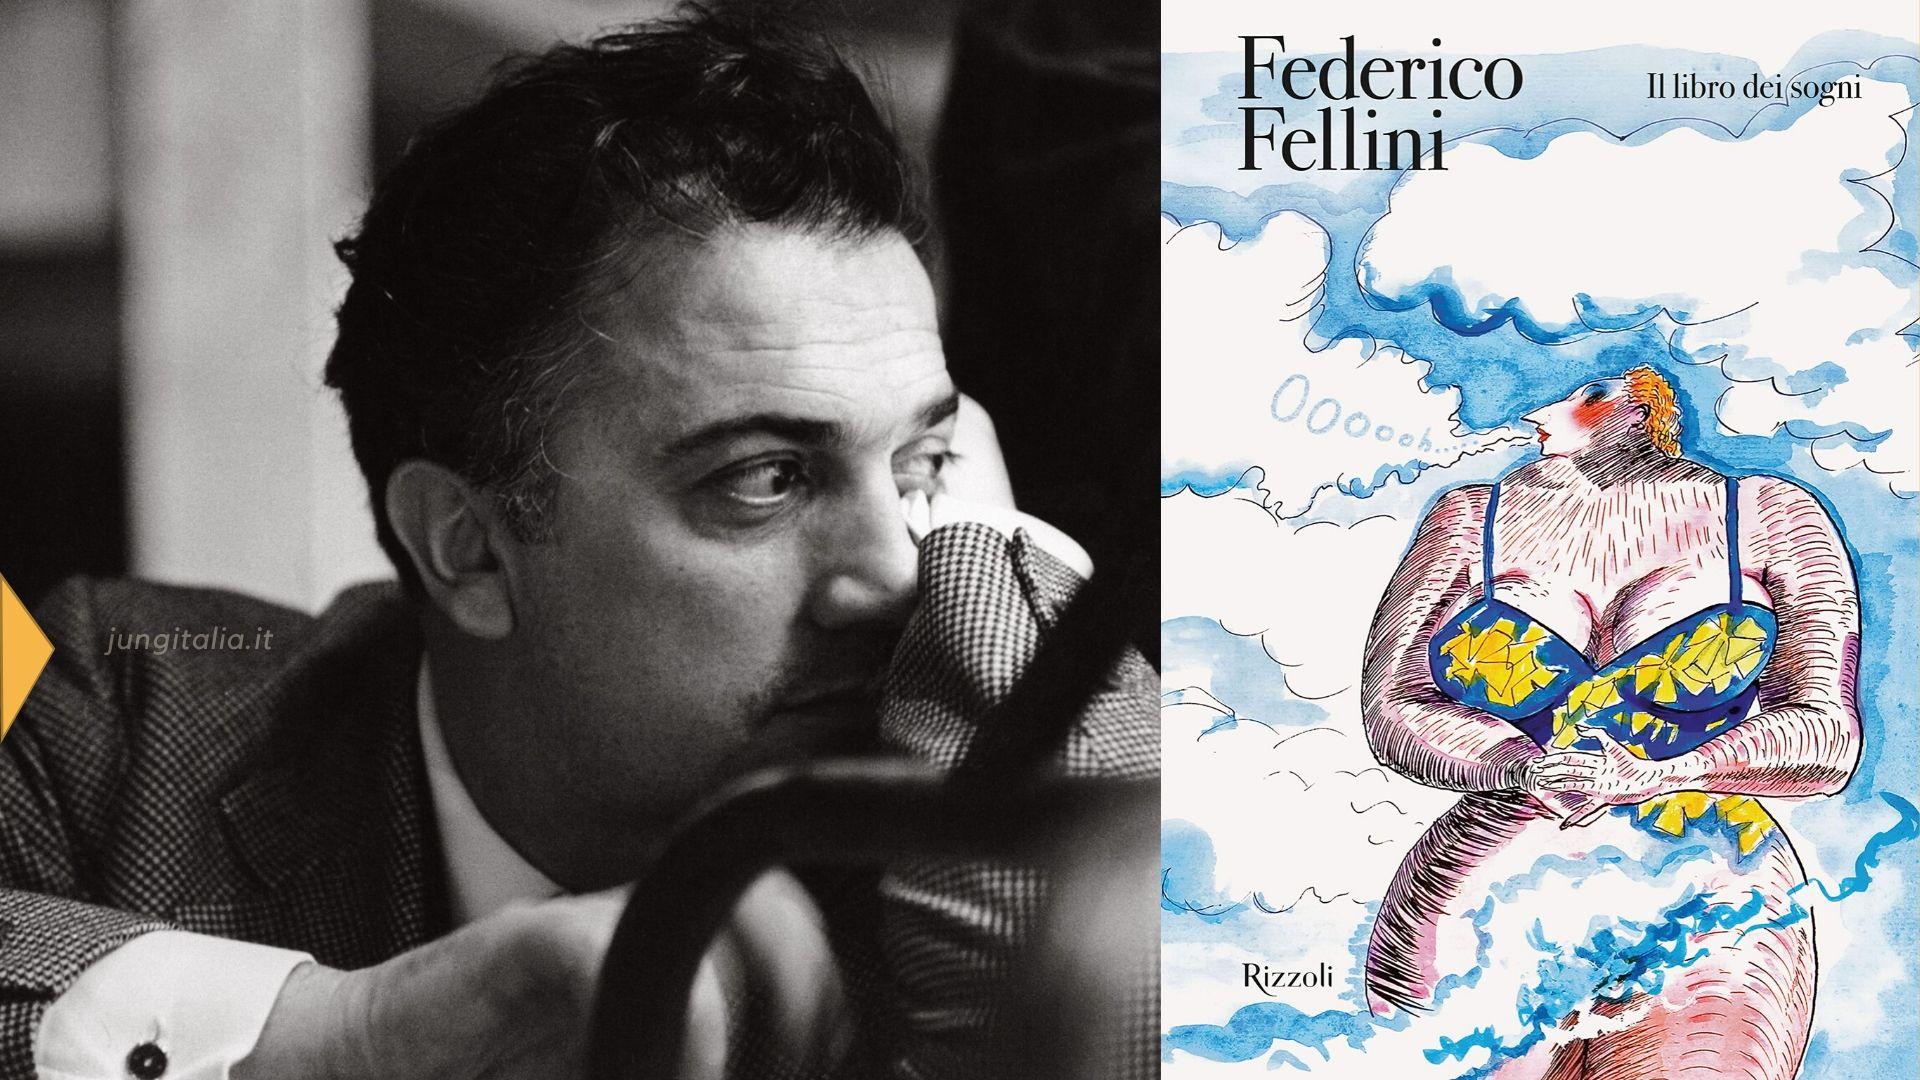 Federico Fellini Libro dei sogni